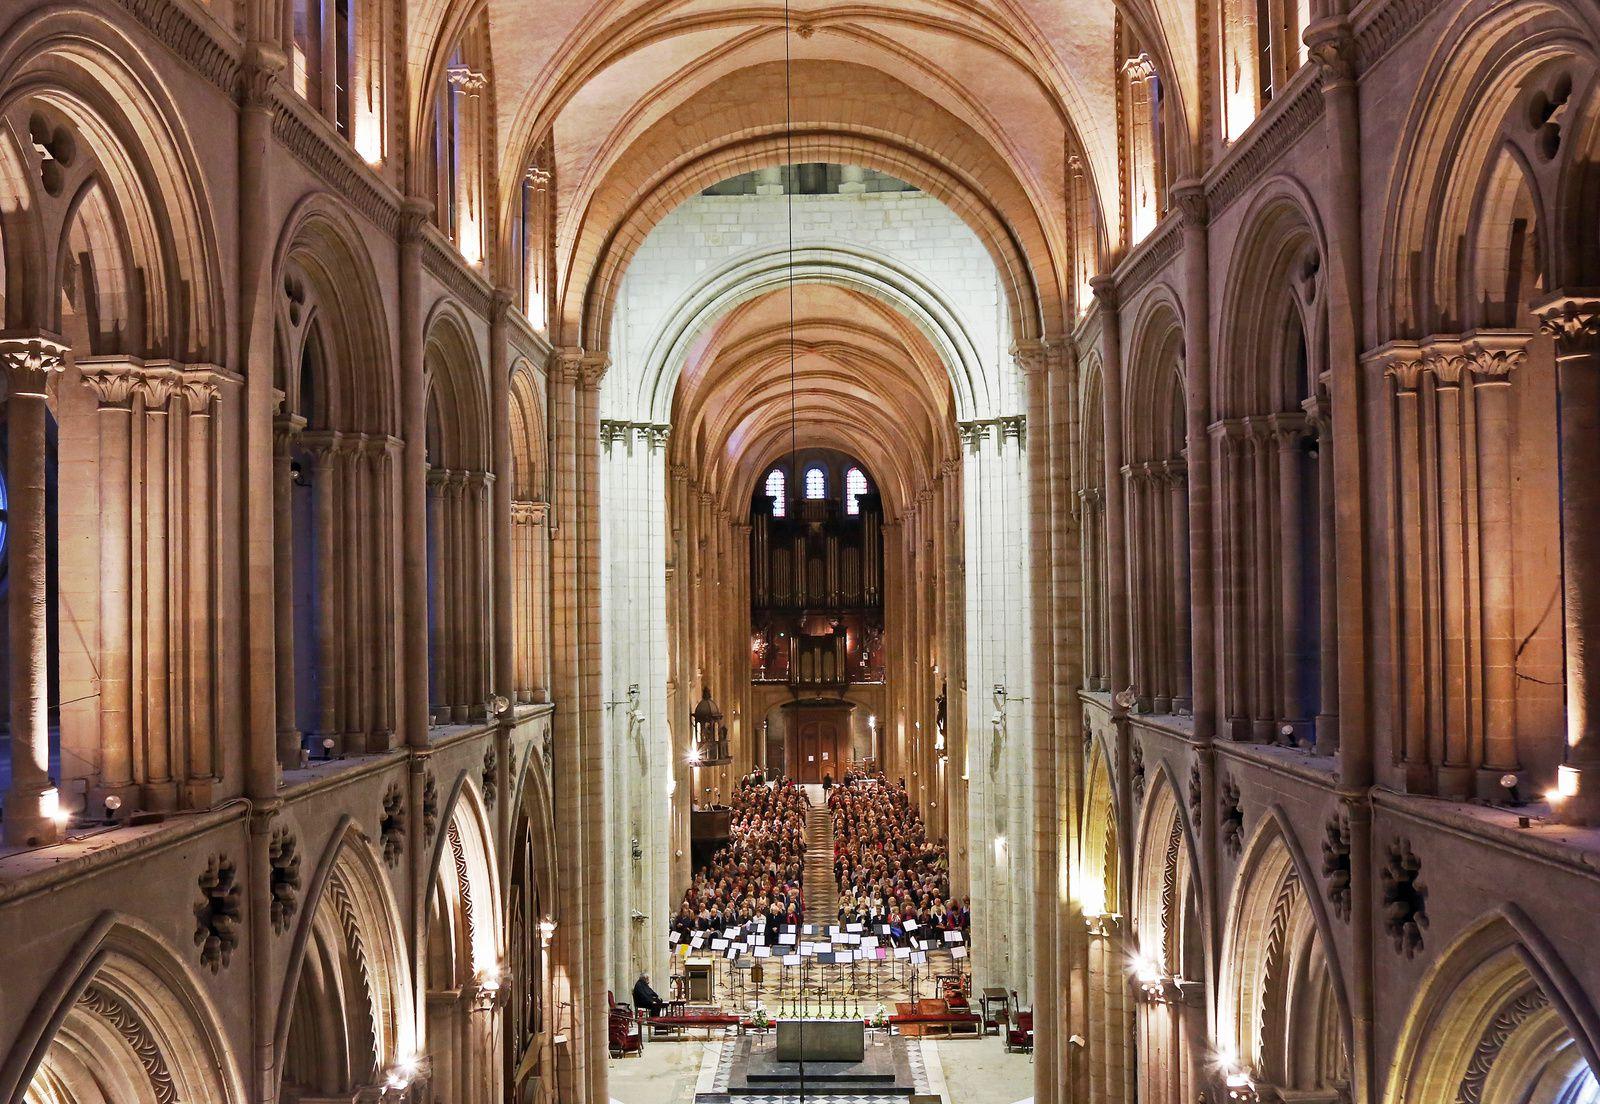 Concert réunissant 95 trompettes à l'abbaye aux hommes de Caen en hommage à André Bellis, musicien emblématique caennais. Photo aérienne François Monier, septembre 2017